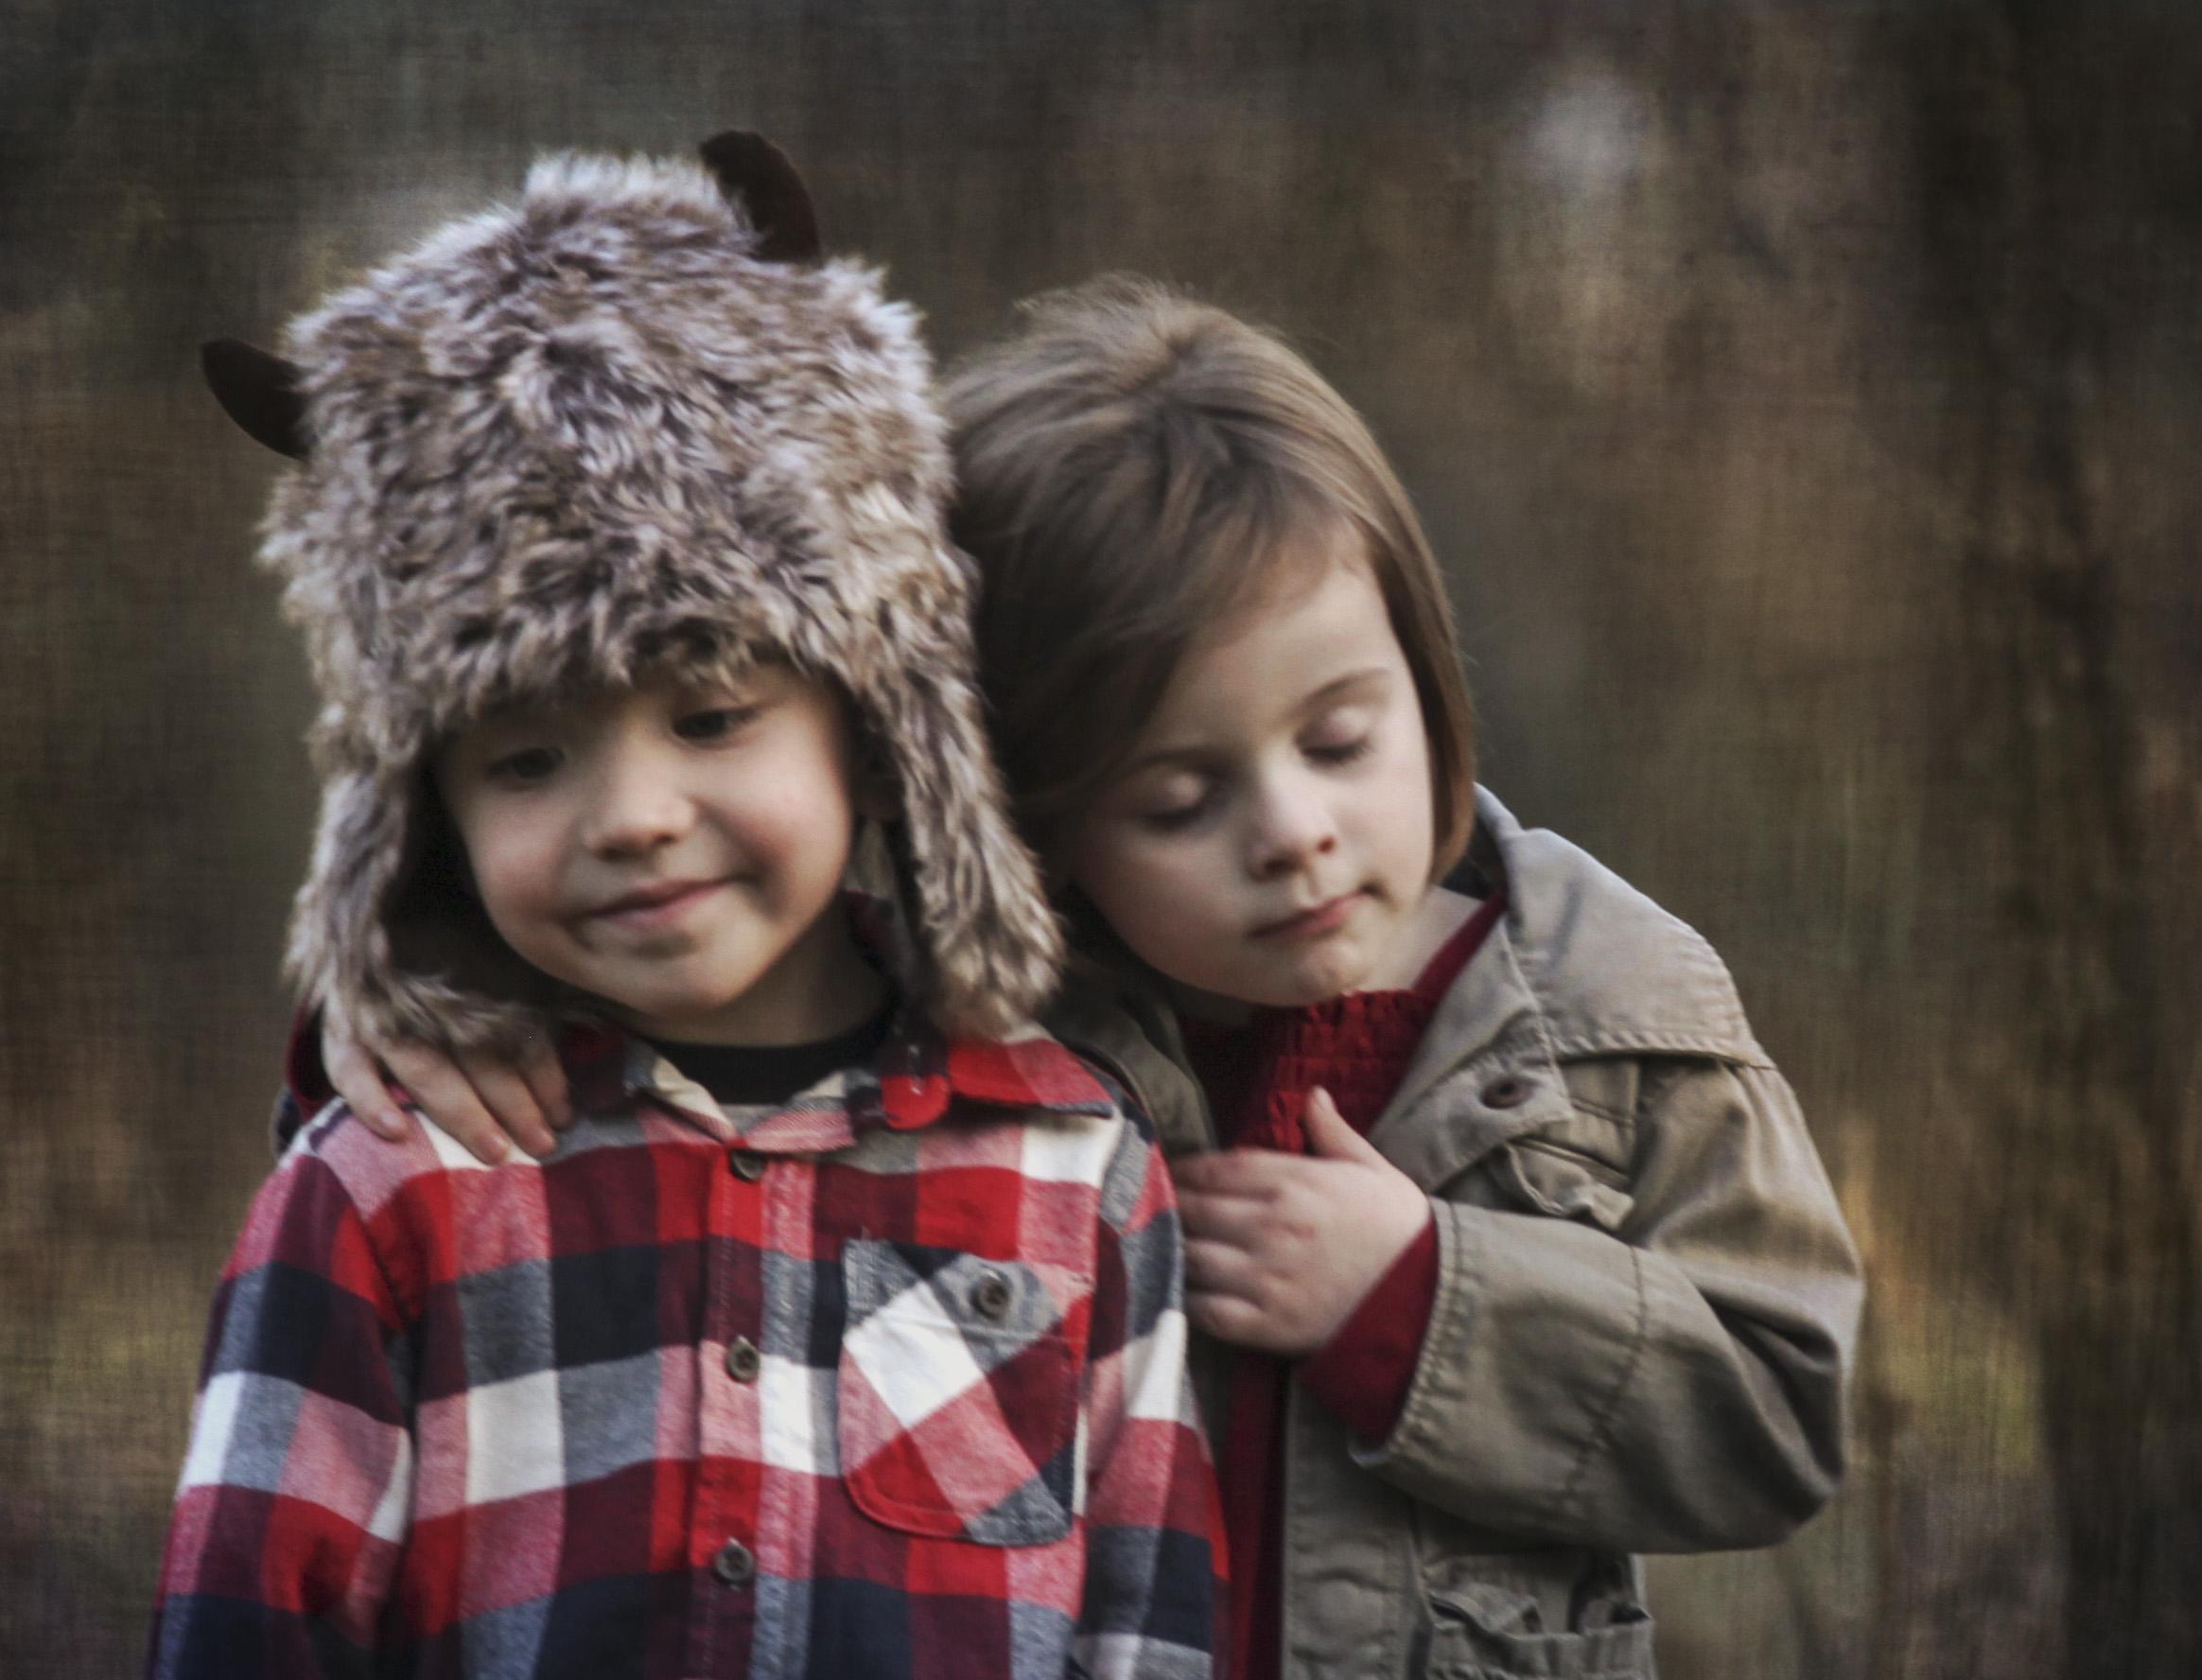 Принцип невмешательства: Как реагировать на ссоры ребенка с друзьями